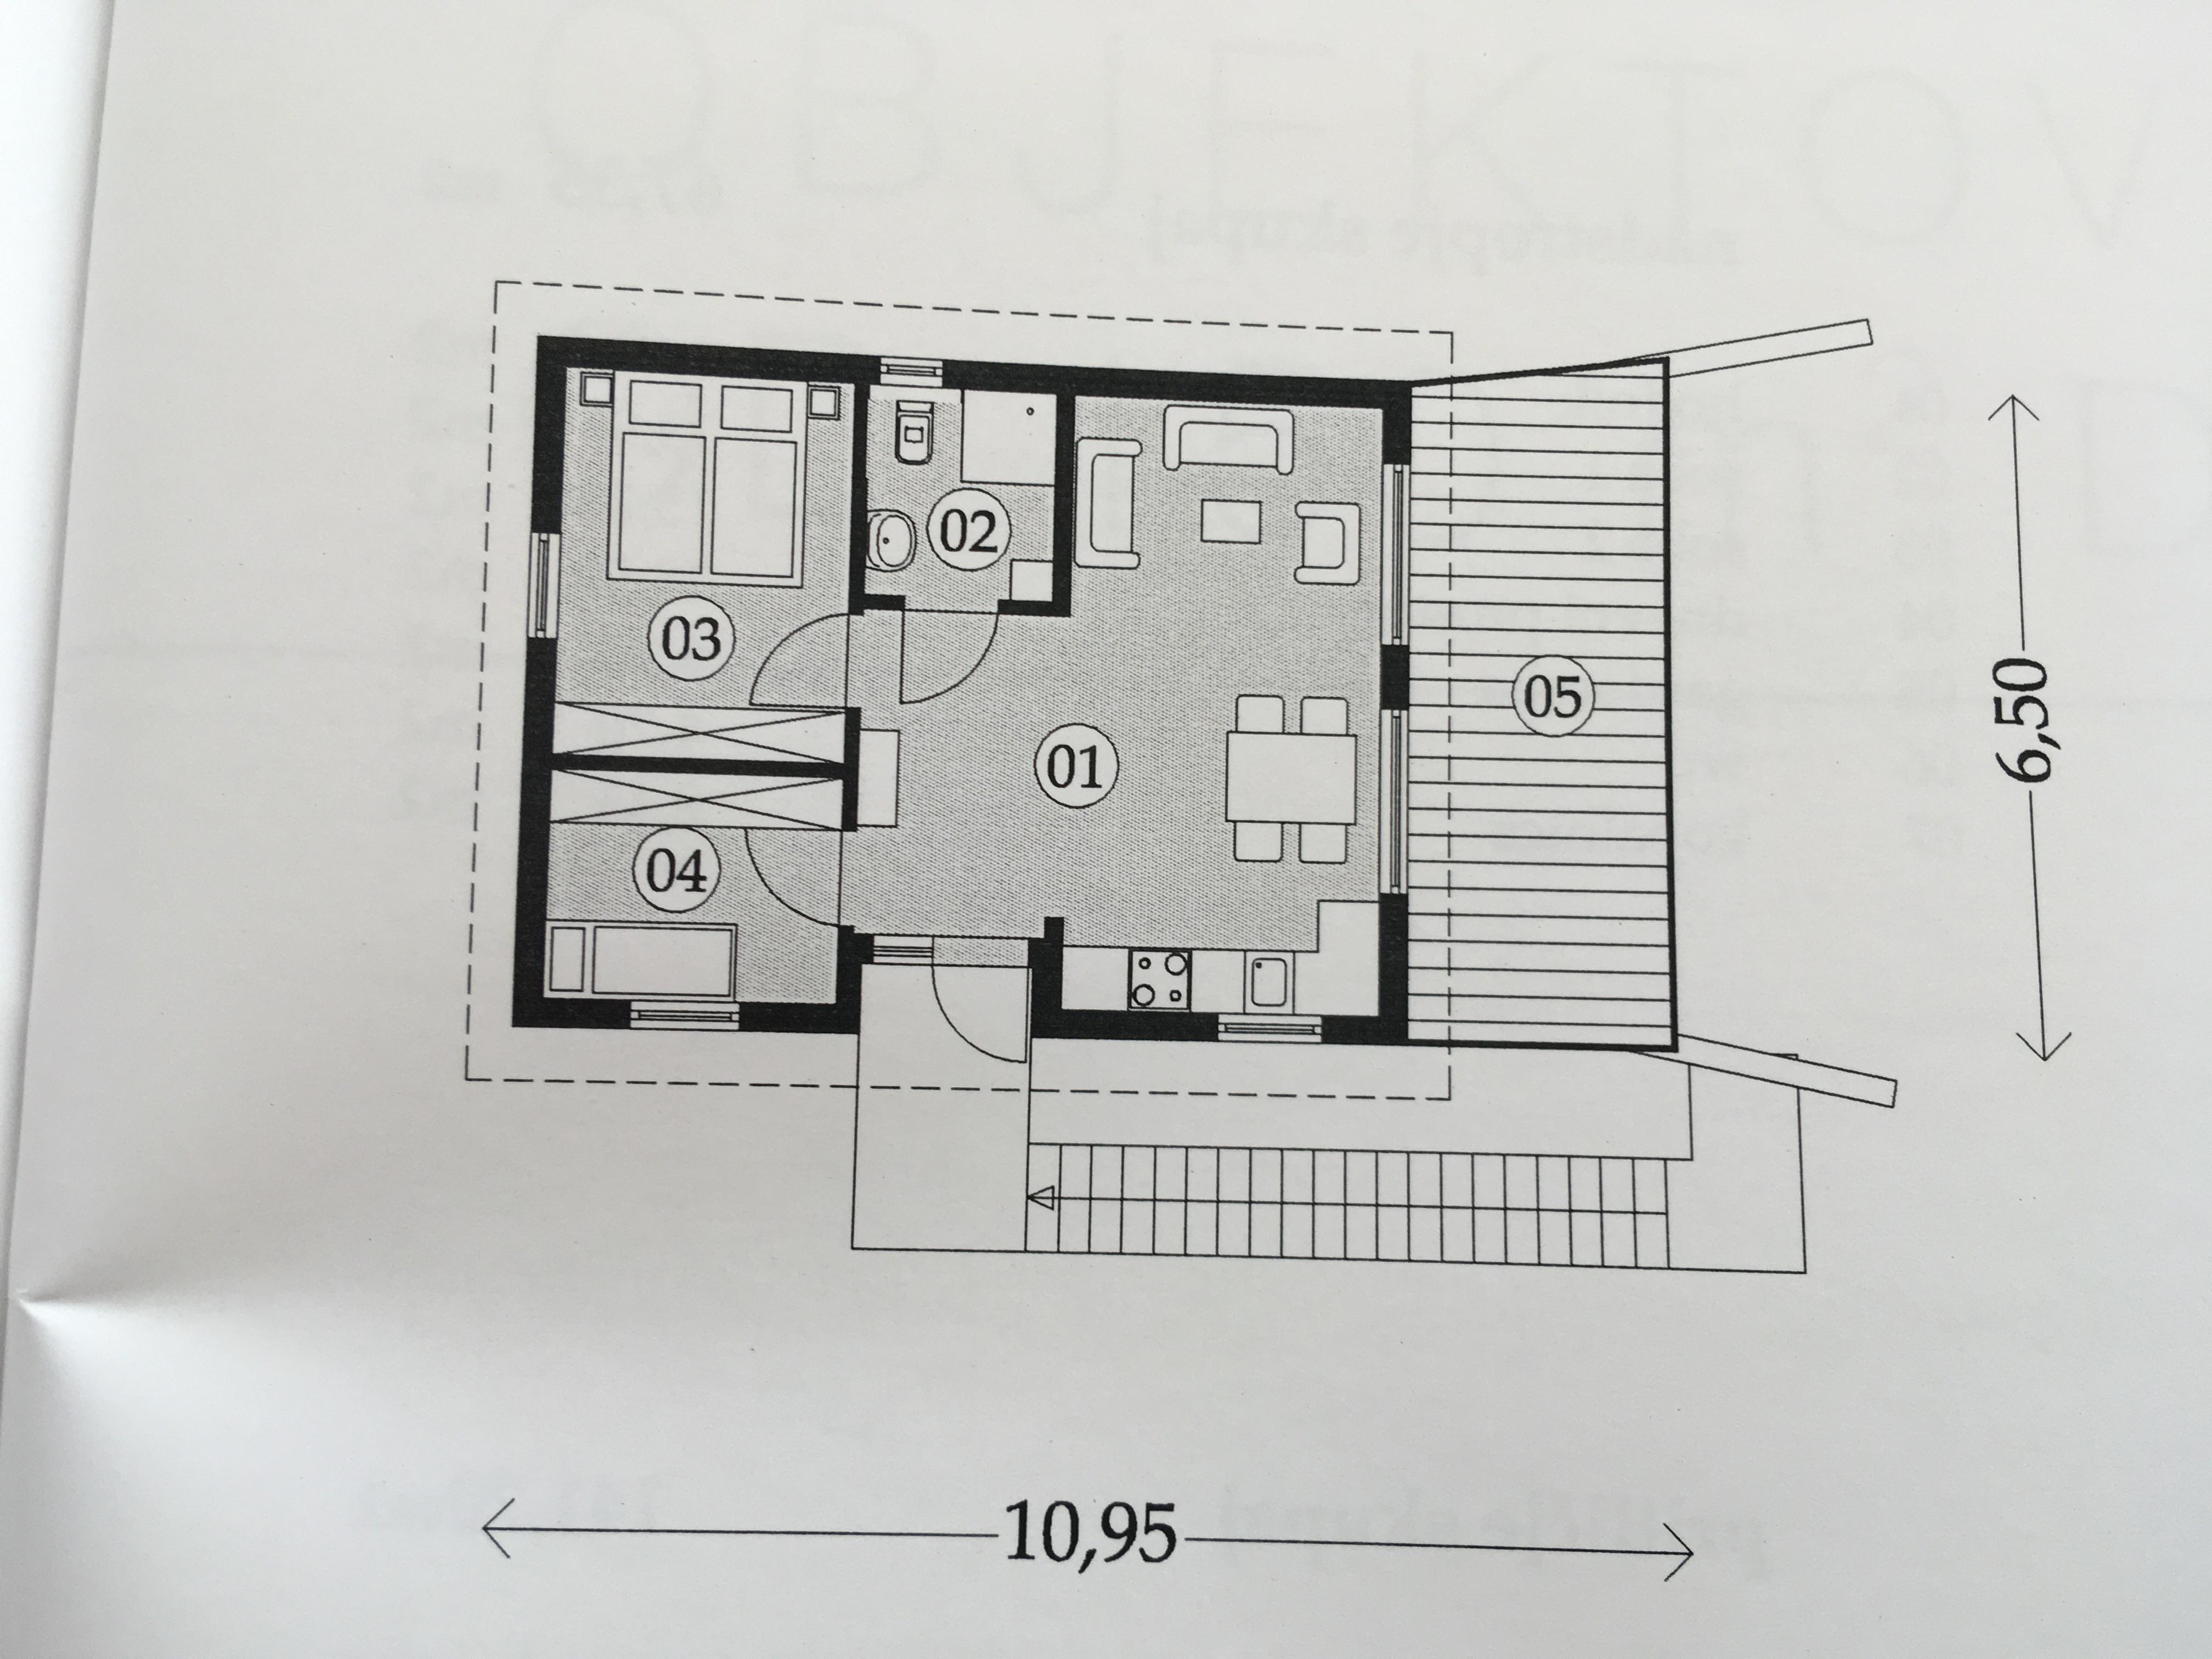 Planimetria della costruzione Casa in Legno modello Casa solare 2  di RIKO-HISE srl - Arch. Daniele Bonzi